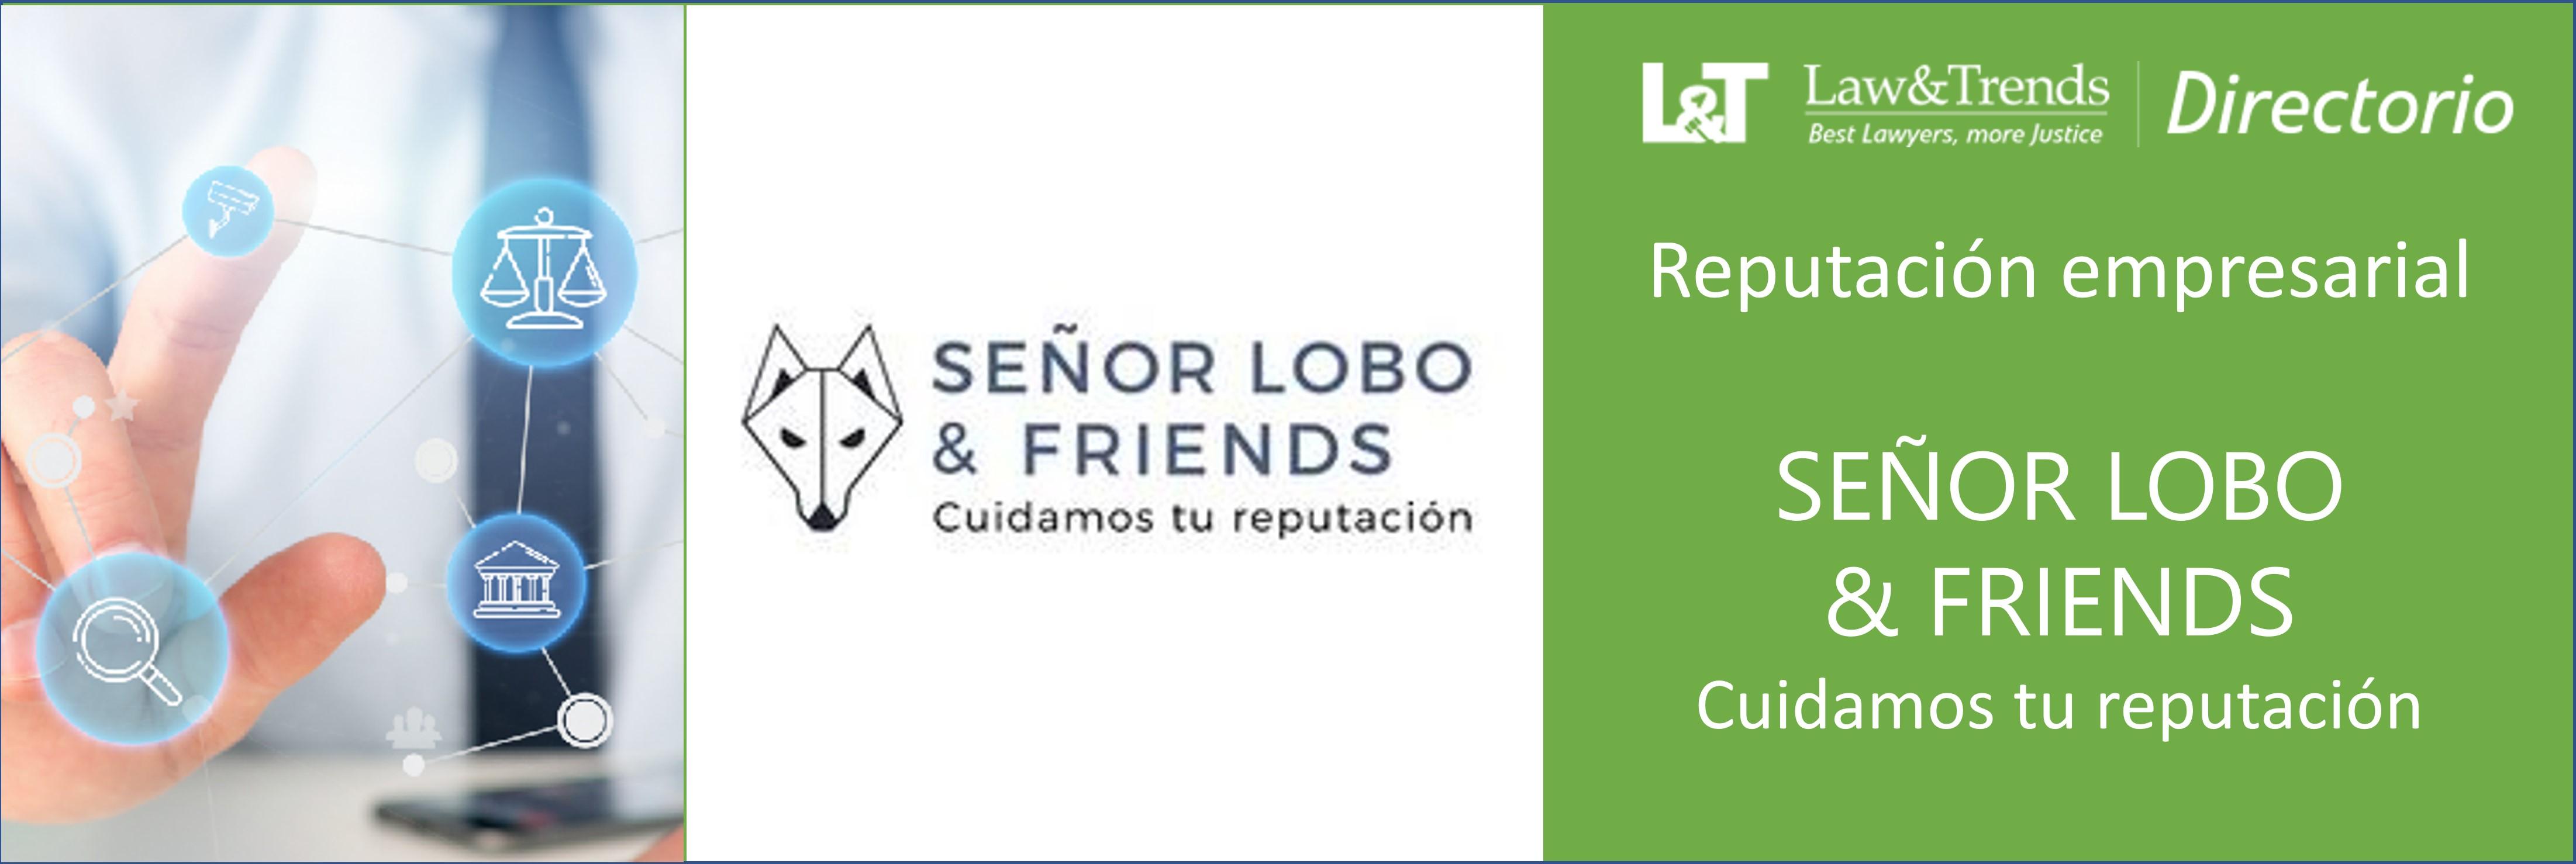 Señor lobo & friends reputación Madrid